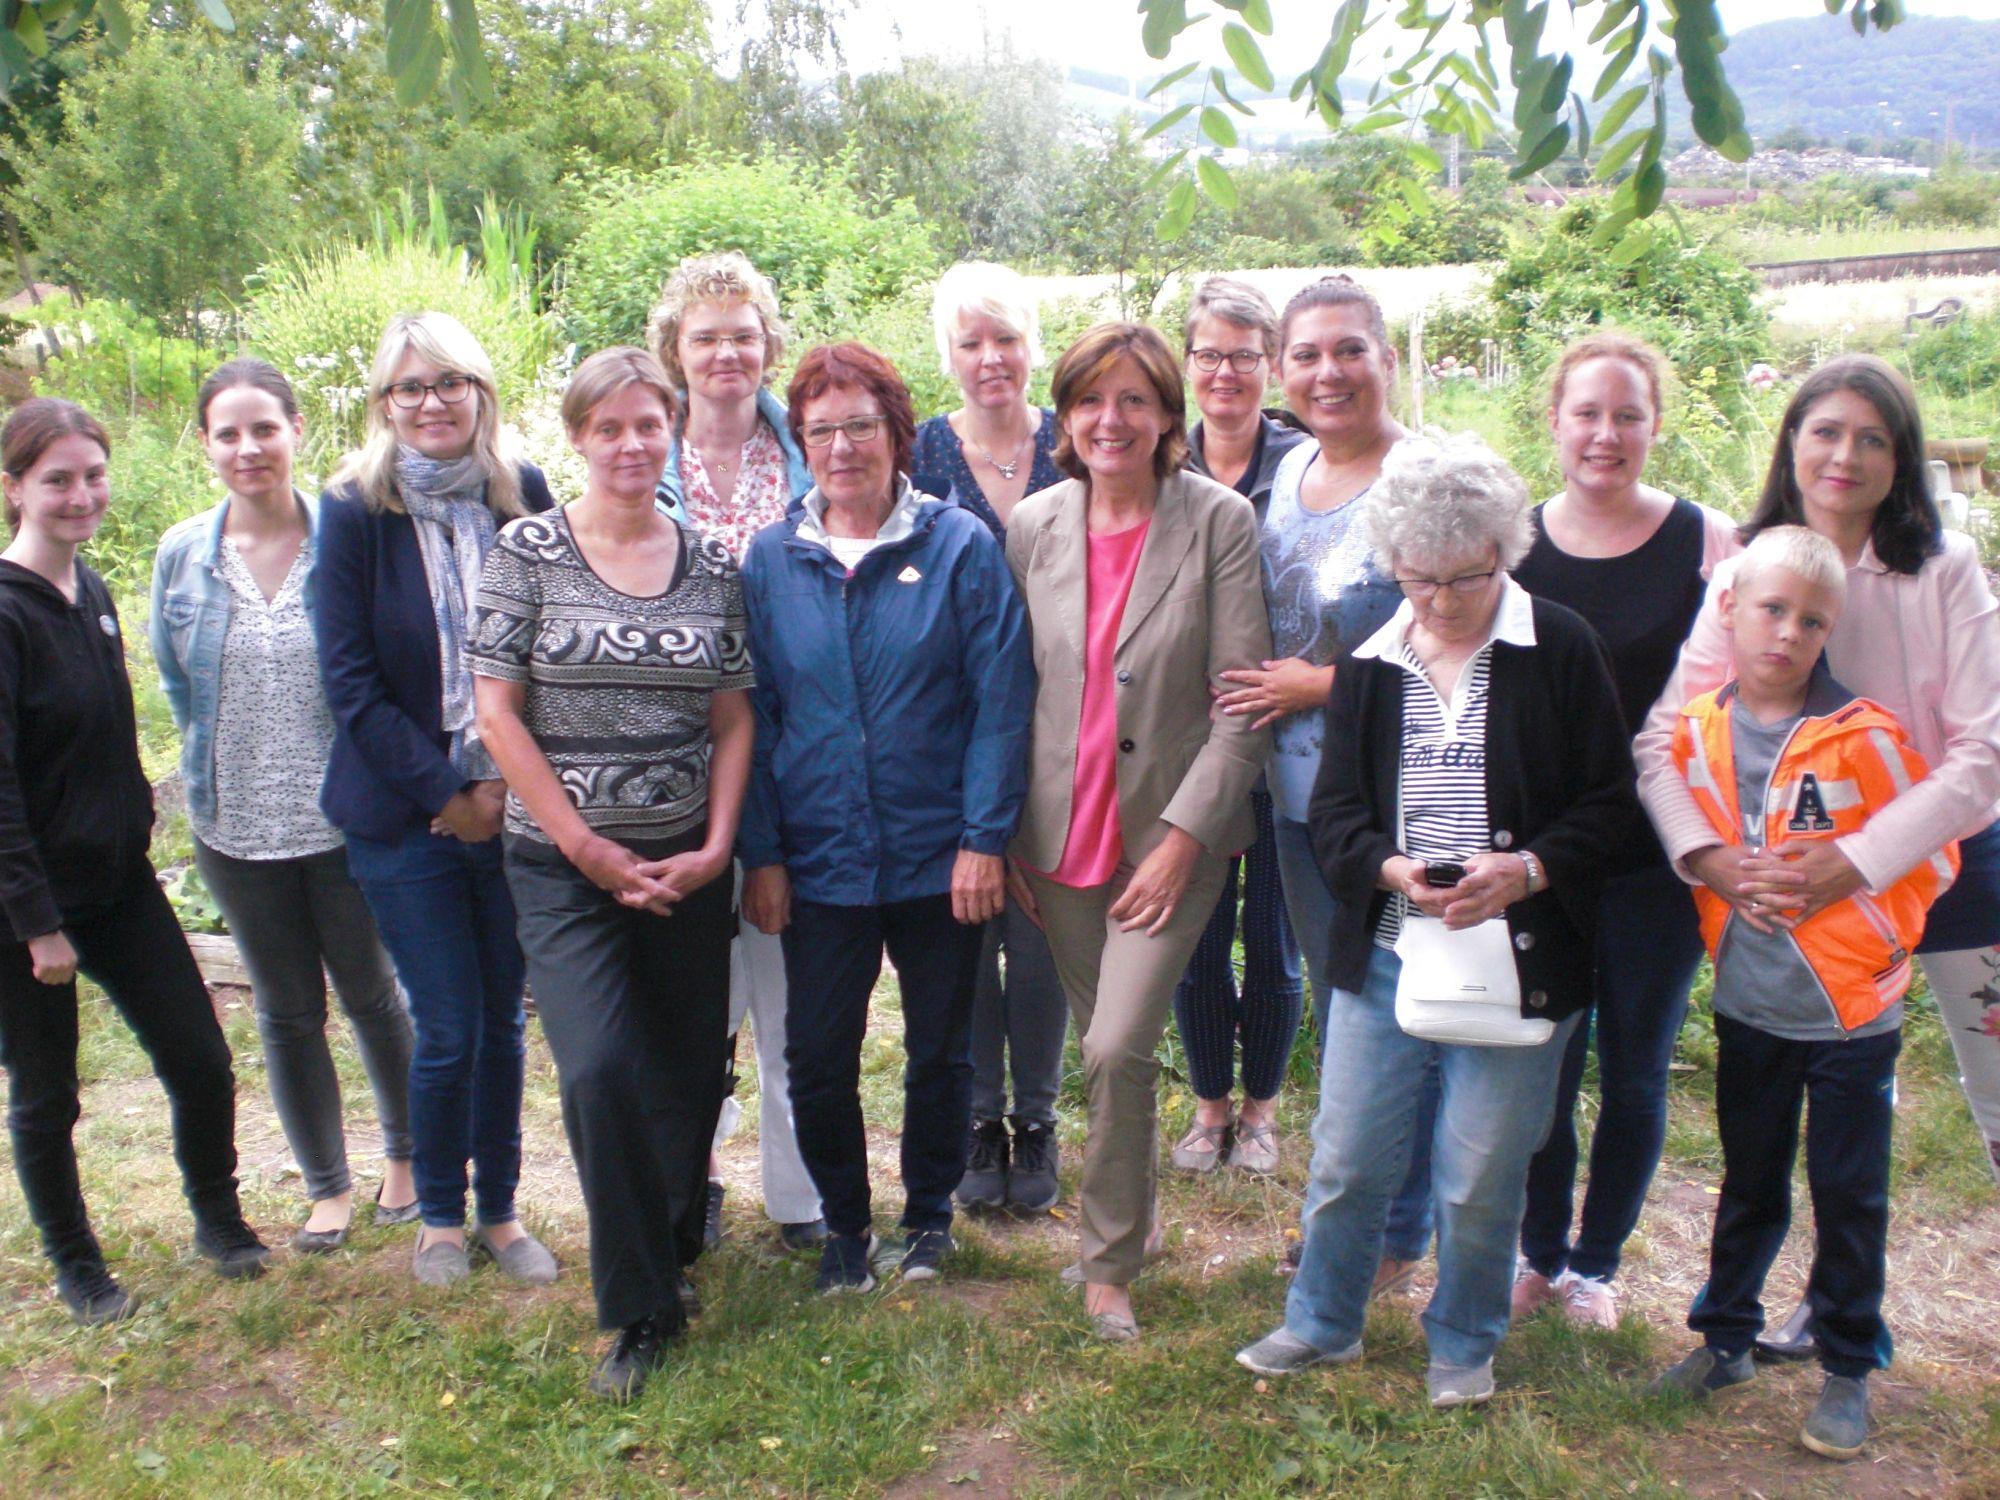 Der Frauengarten bekam Besuch von Frau Malu Dreyer